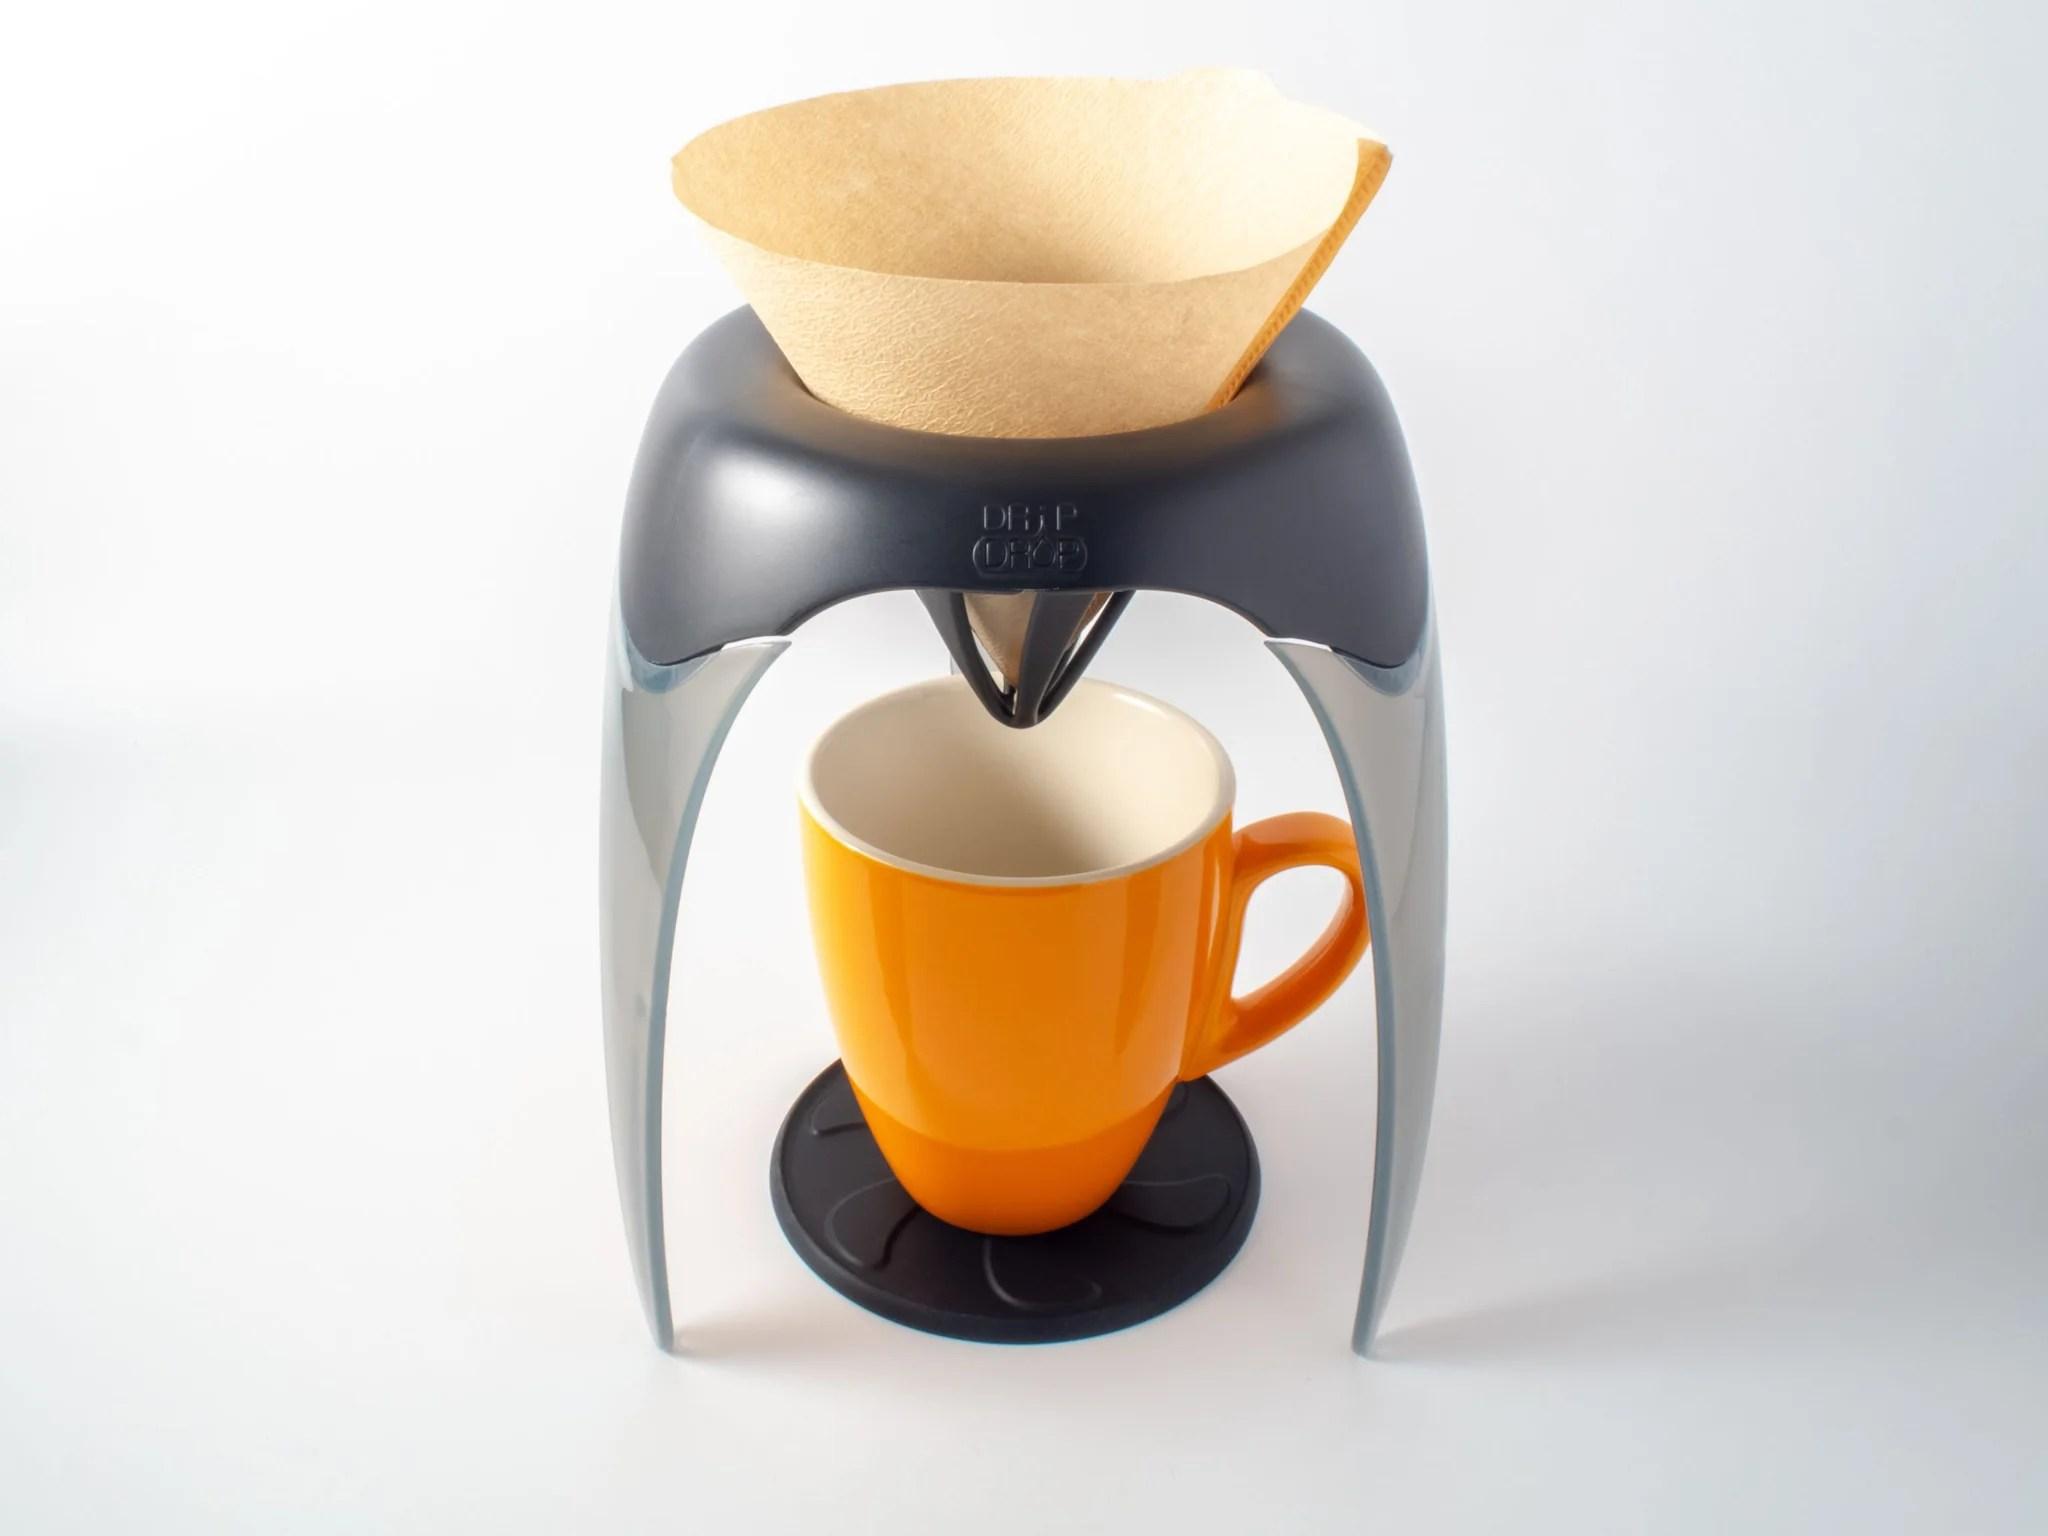 dripod visual coffee dripper